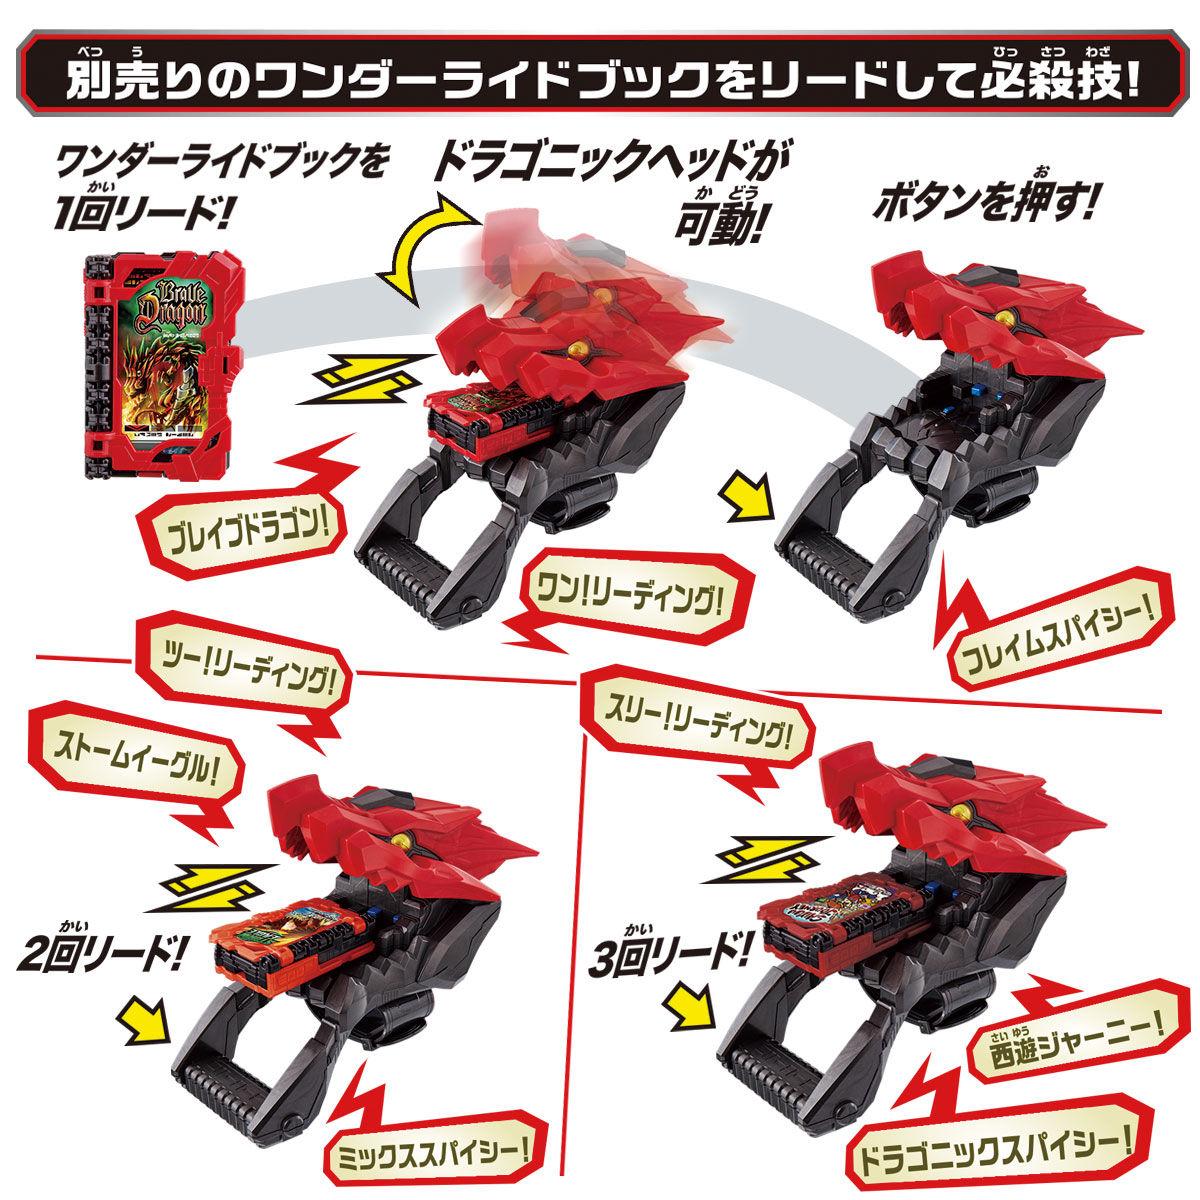 仮面ライダーセイバー『DXドラゴニックブースター&キングライオンブースター』変身なりきり-005